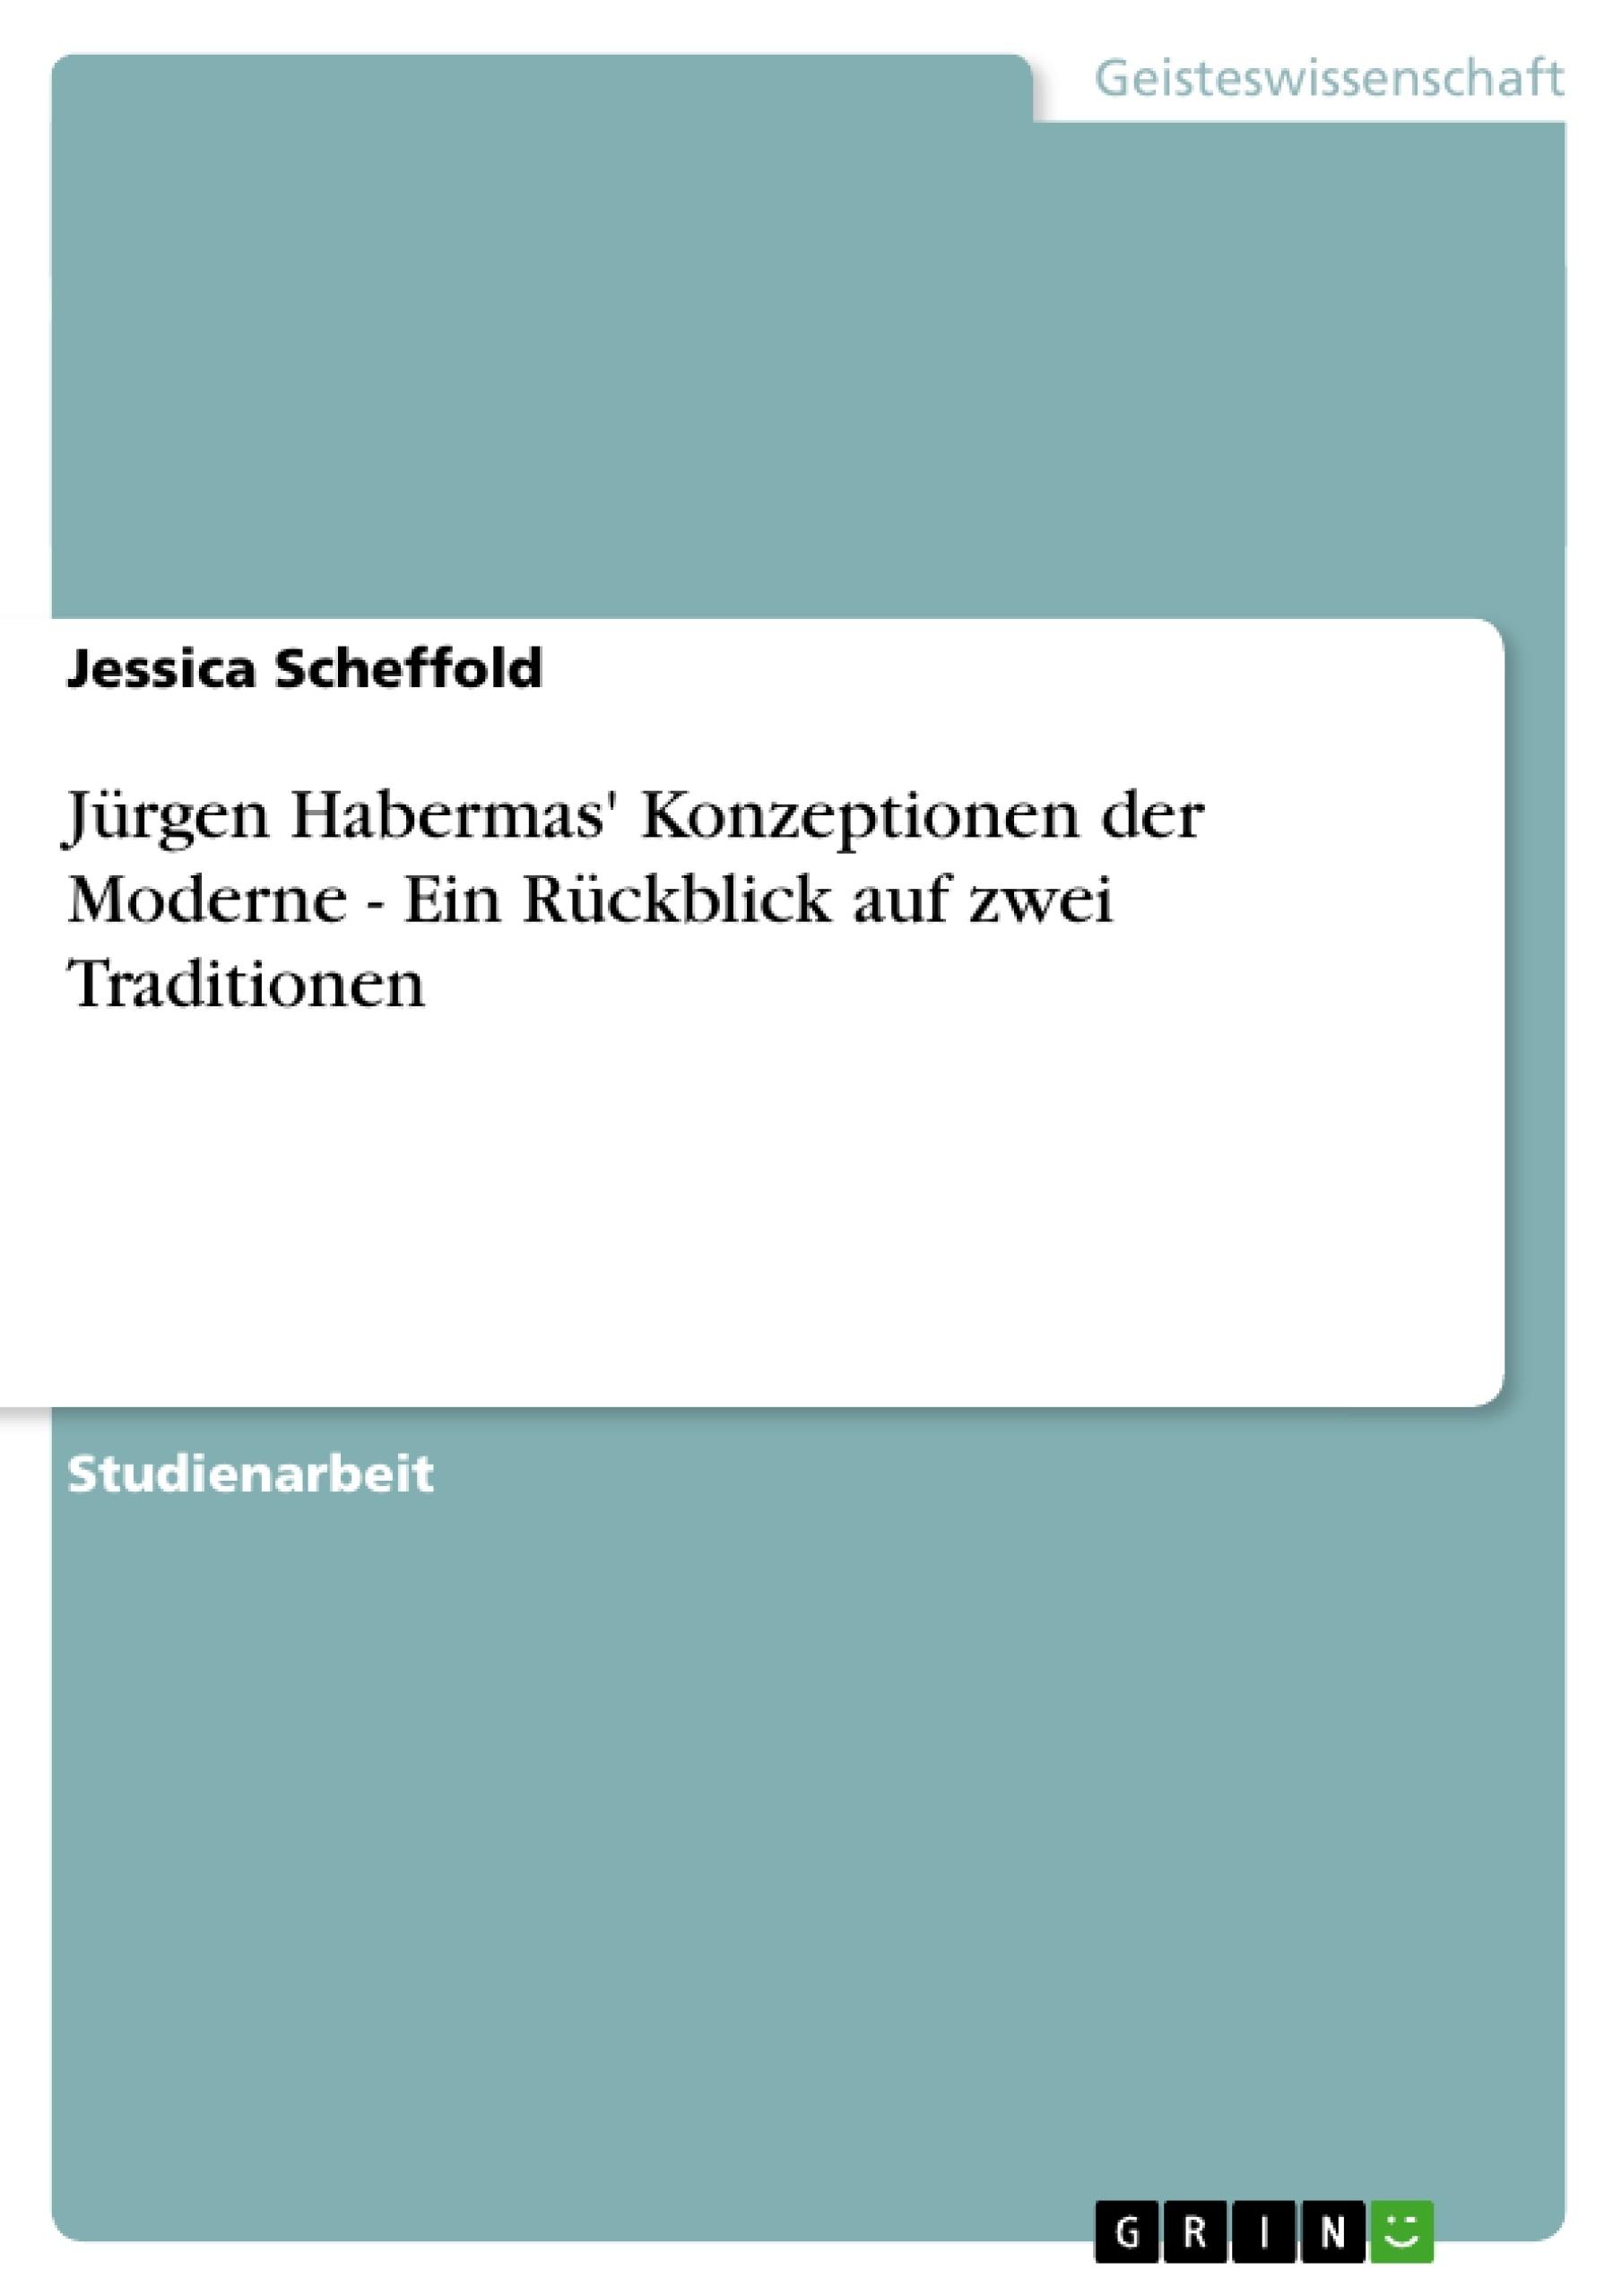 Titel: Jürgen Habermas' Konzeptionen der Moderne - Ein Rückblick auf zwei Traditionen